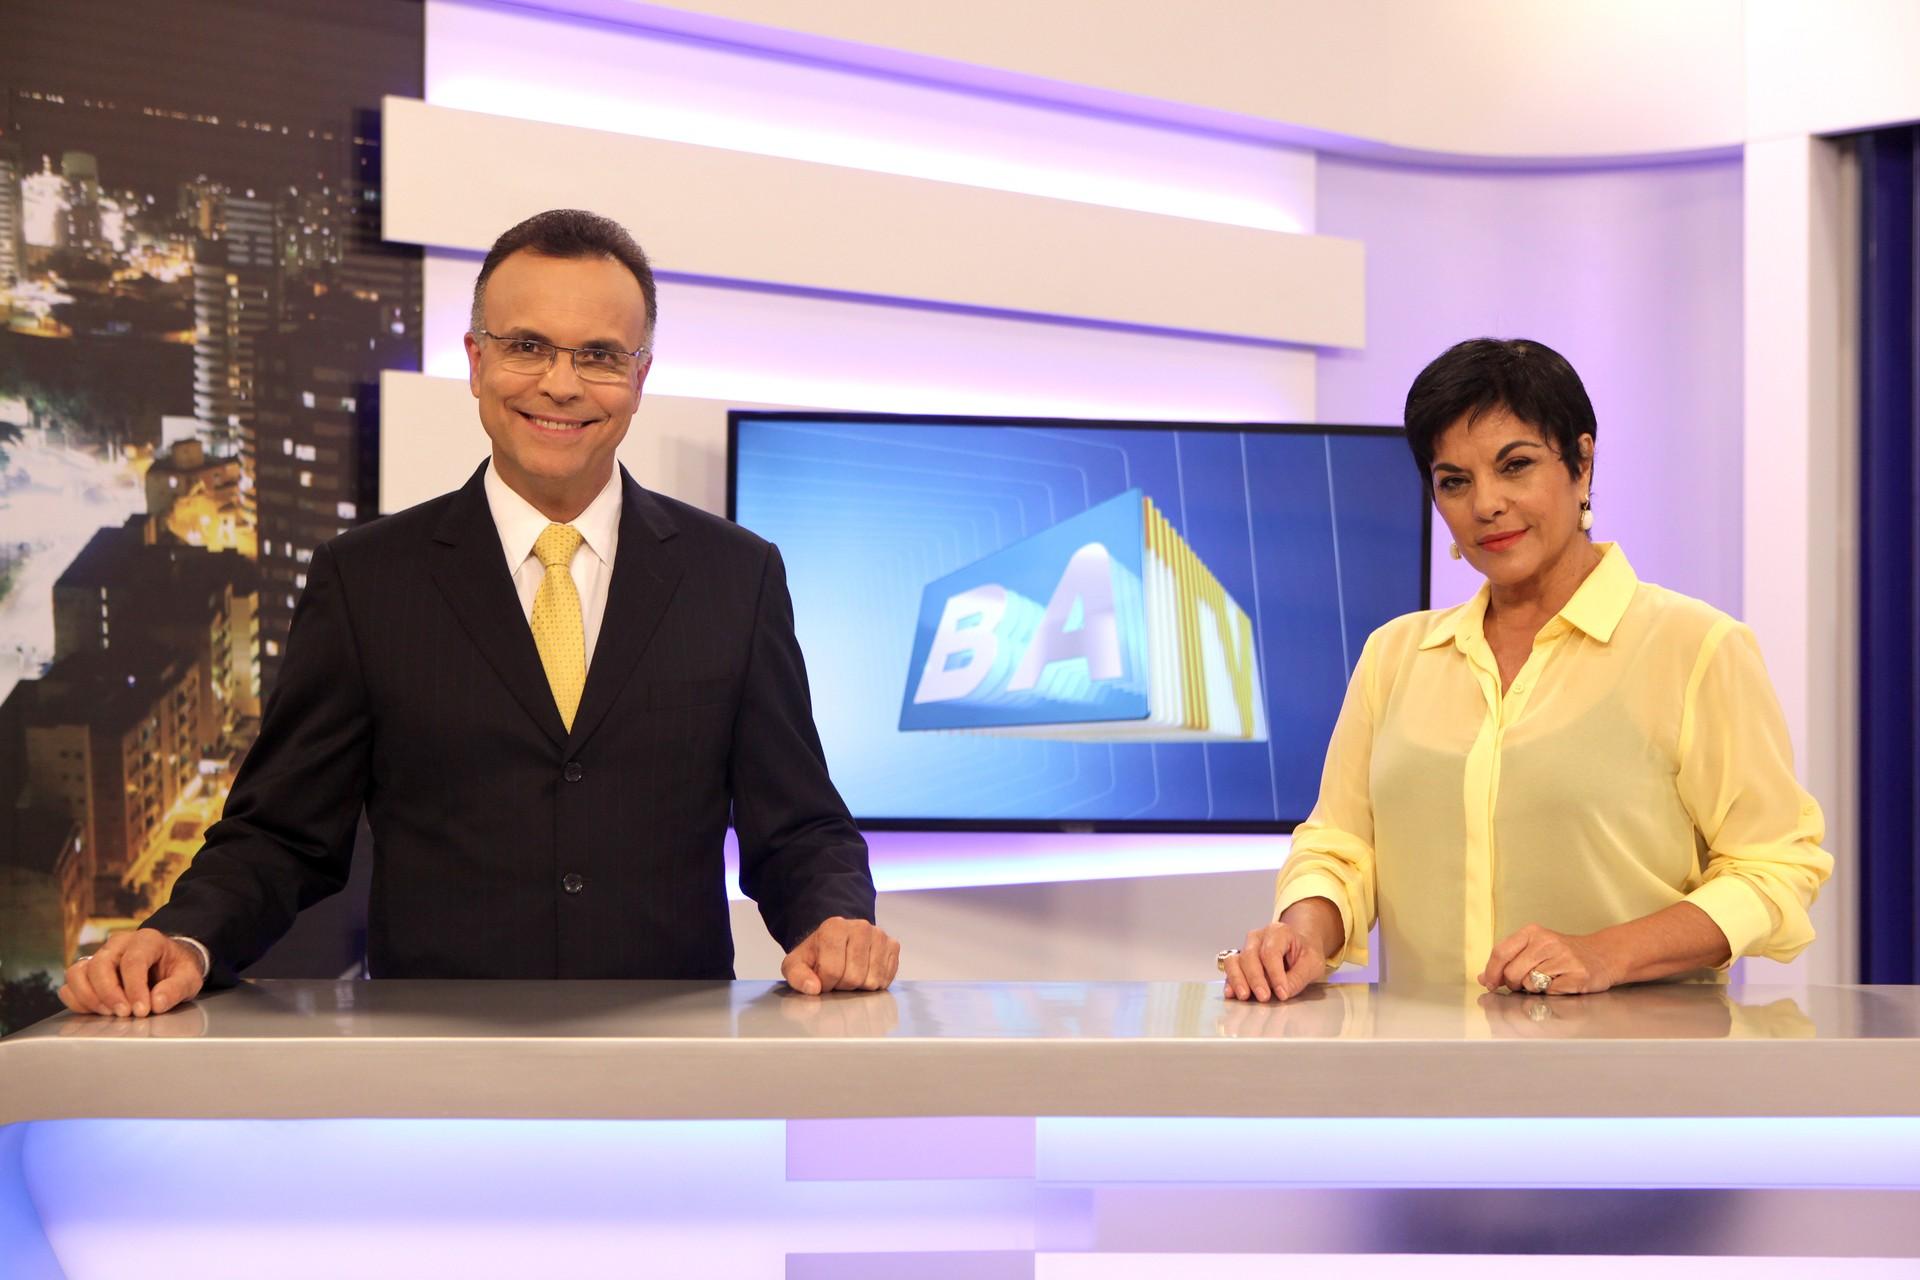 Kátia Guzzo e Jefferson Beltrão comandam as entrevistas no BATV (Foto: Paulo Macedo)